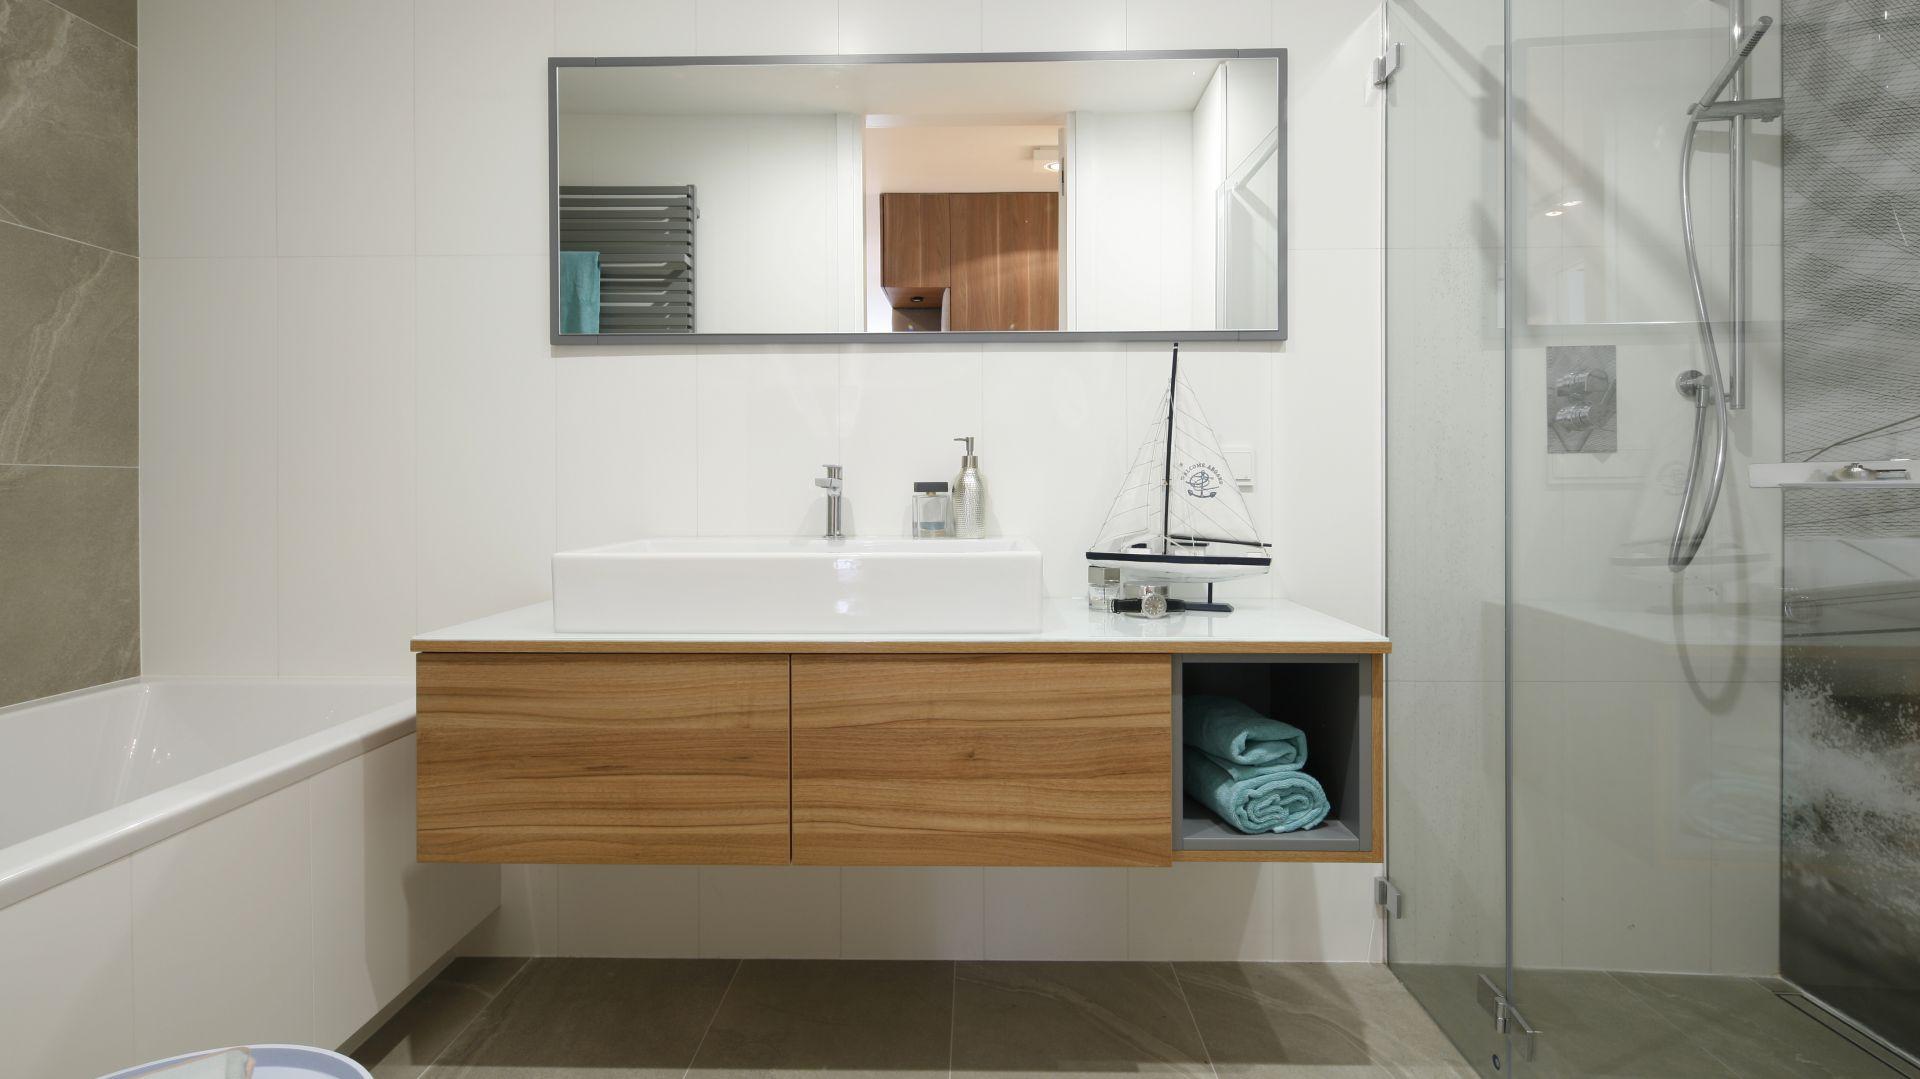 Niewielka przestrzeń łazienki została urządzona z optymalnym wykorzystaniem miejsca oraz dbałością o wygodę każdego z domowników. Projekt: Przemek Kuśmierek. Fot. Bartosz Jarosz